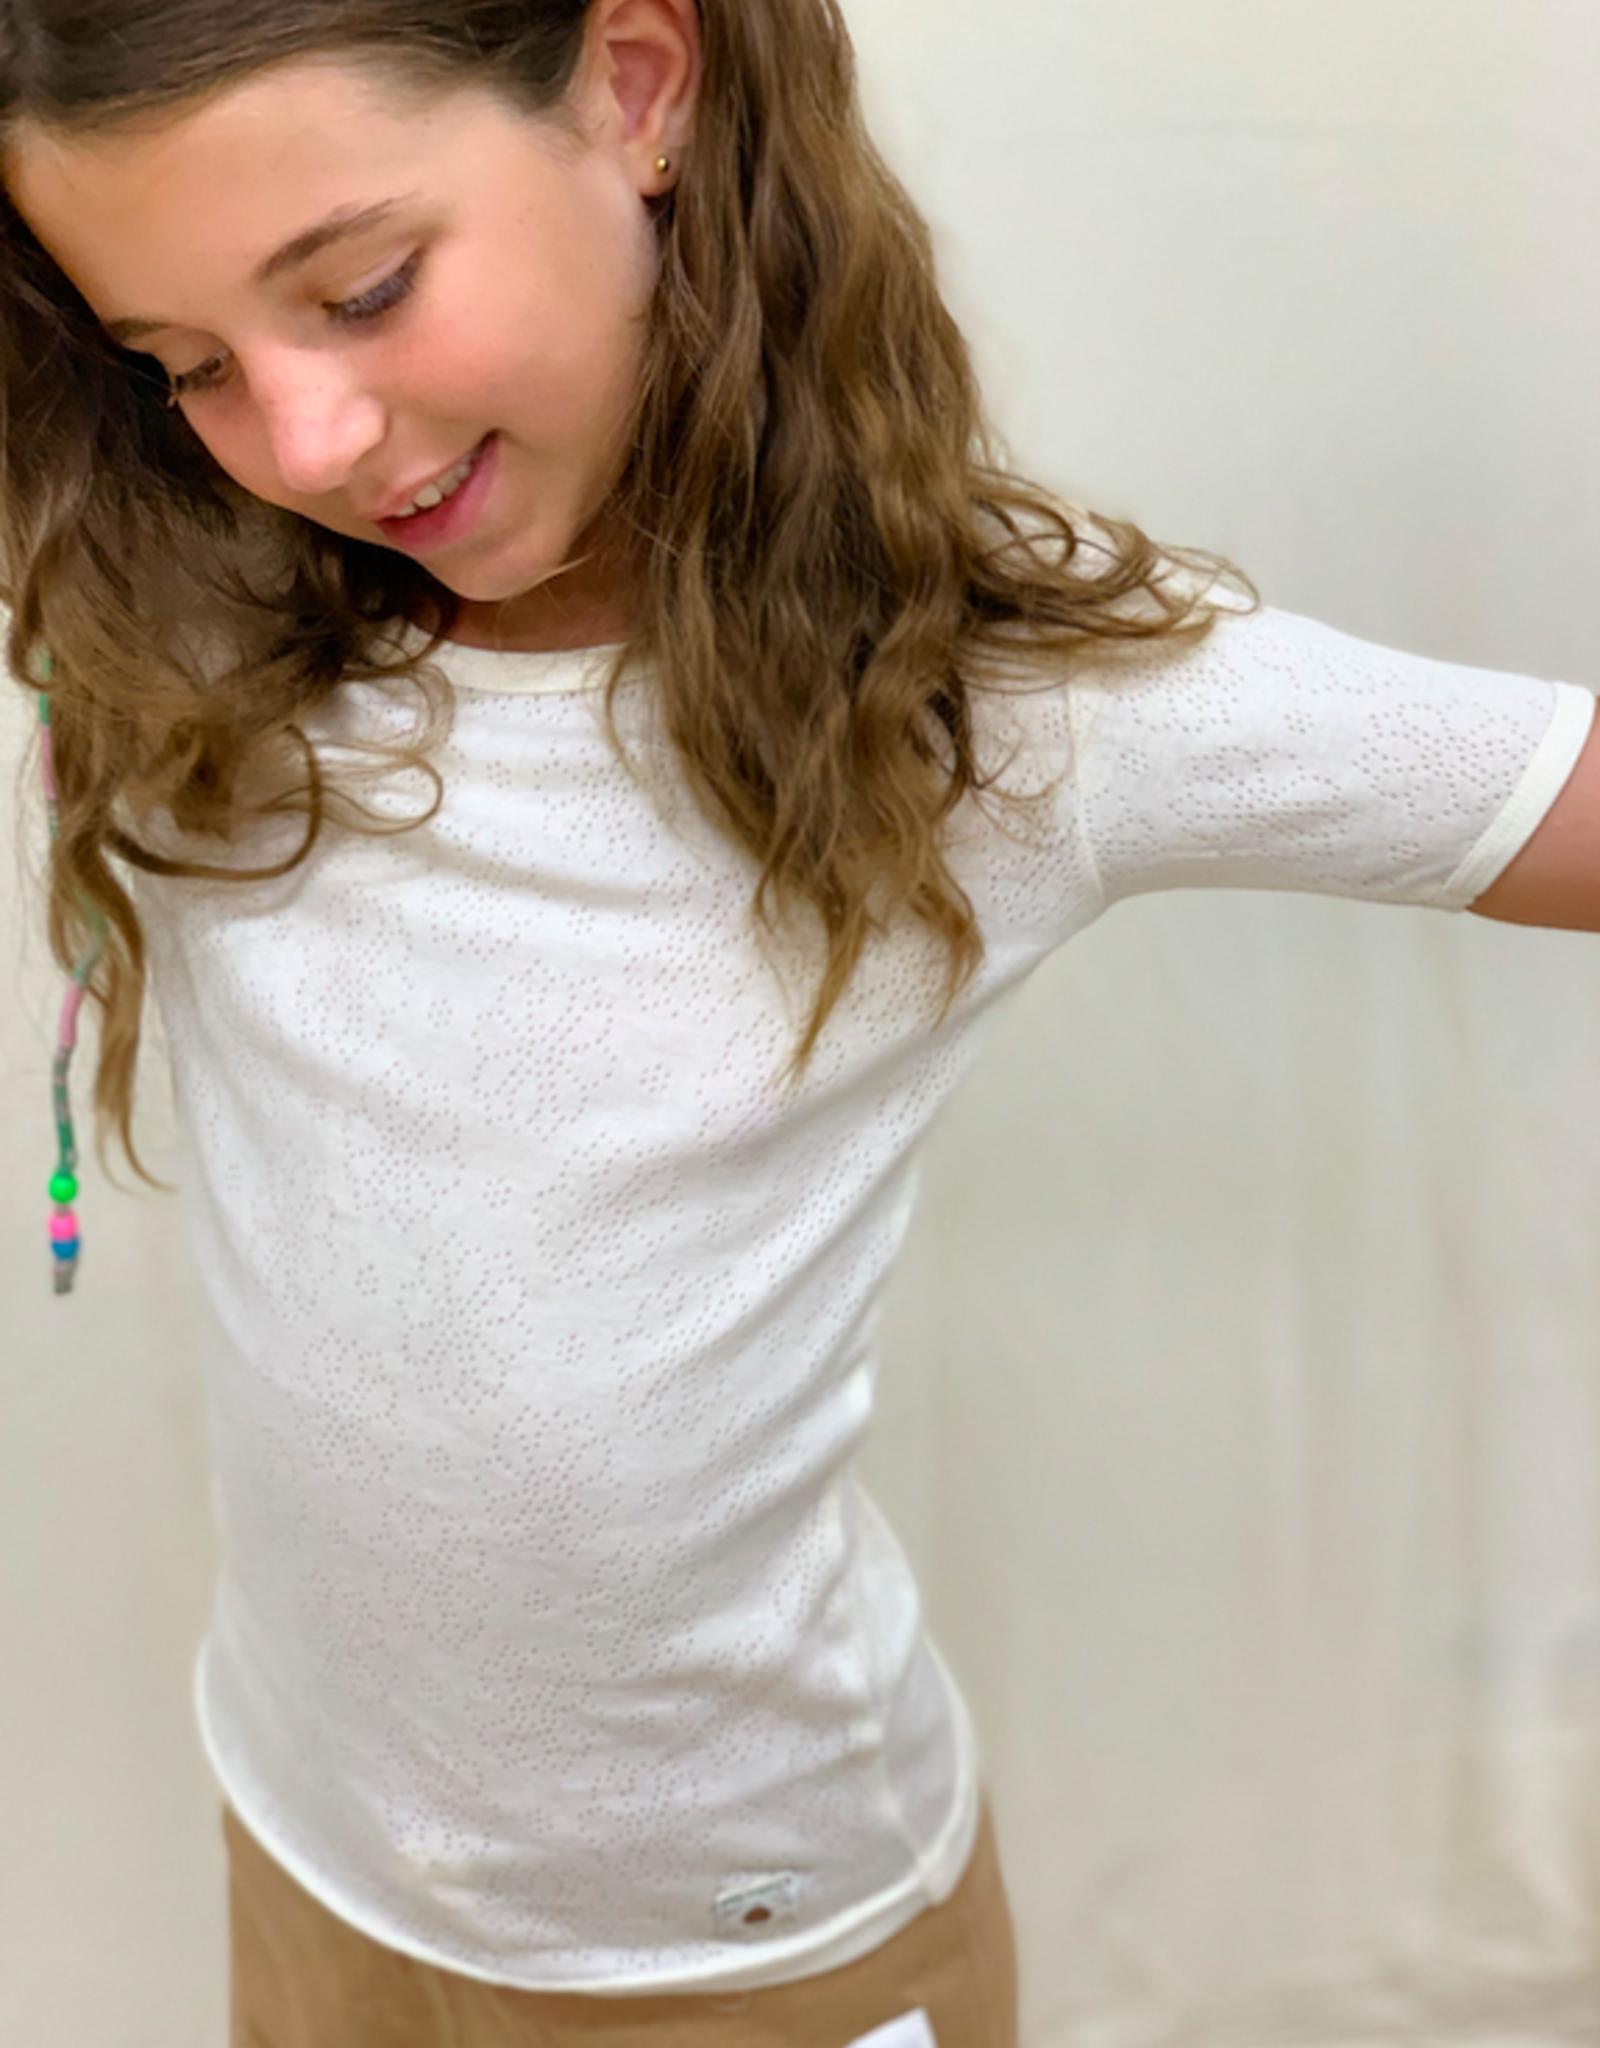 Camiseta junior calada manga corta. Tallas 2, 4, 6 años.